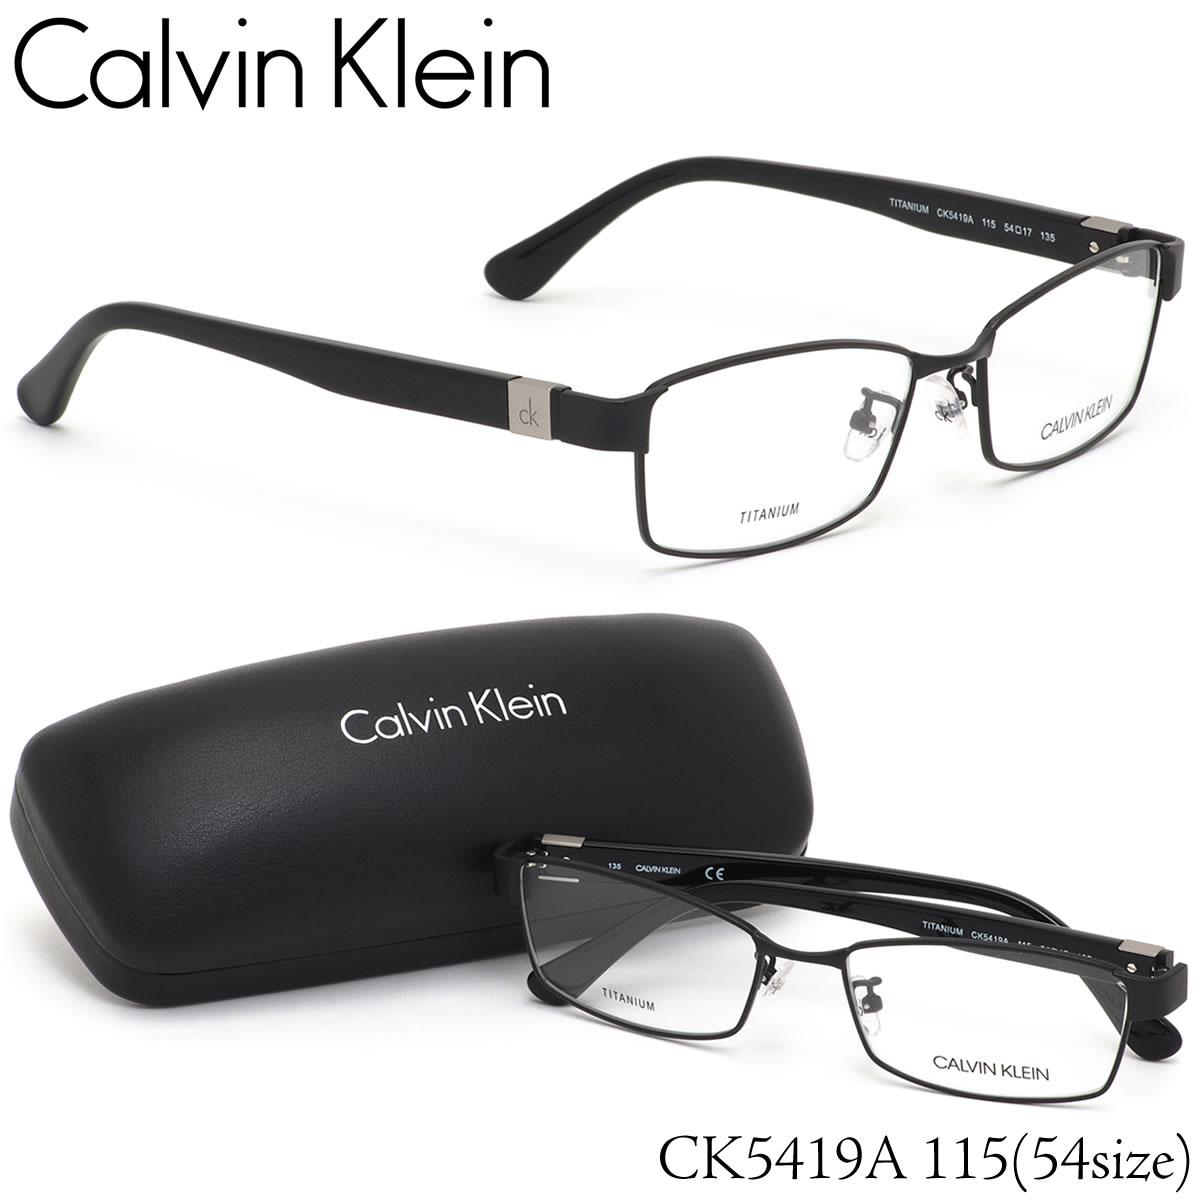 ほぼ全品ポイント15倍〜最大34倍+4倍! カルバンクライン Calvin Klein メガネCK5419A 115 54サイズck チタニウム  スクエア シャープ カルバンクライン CalvinKlein メンズ レディース